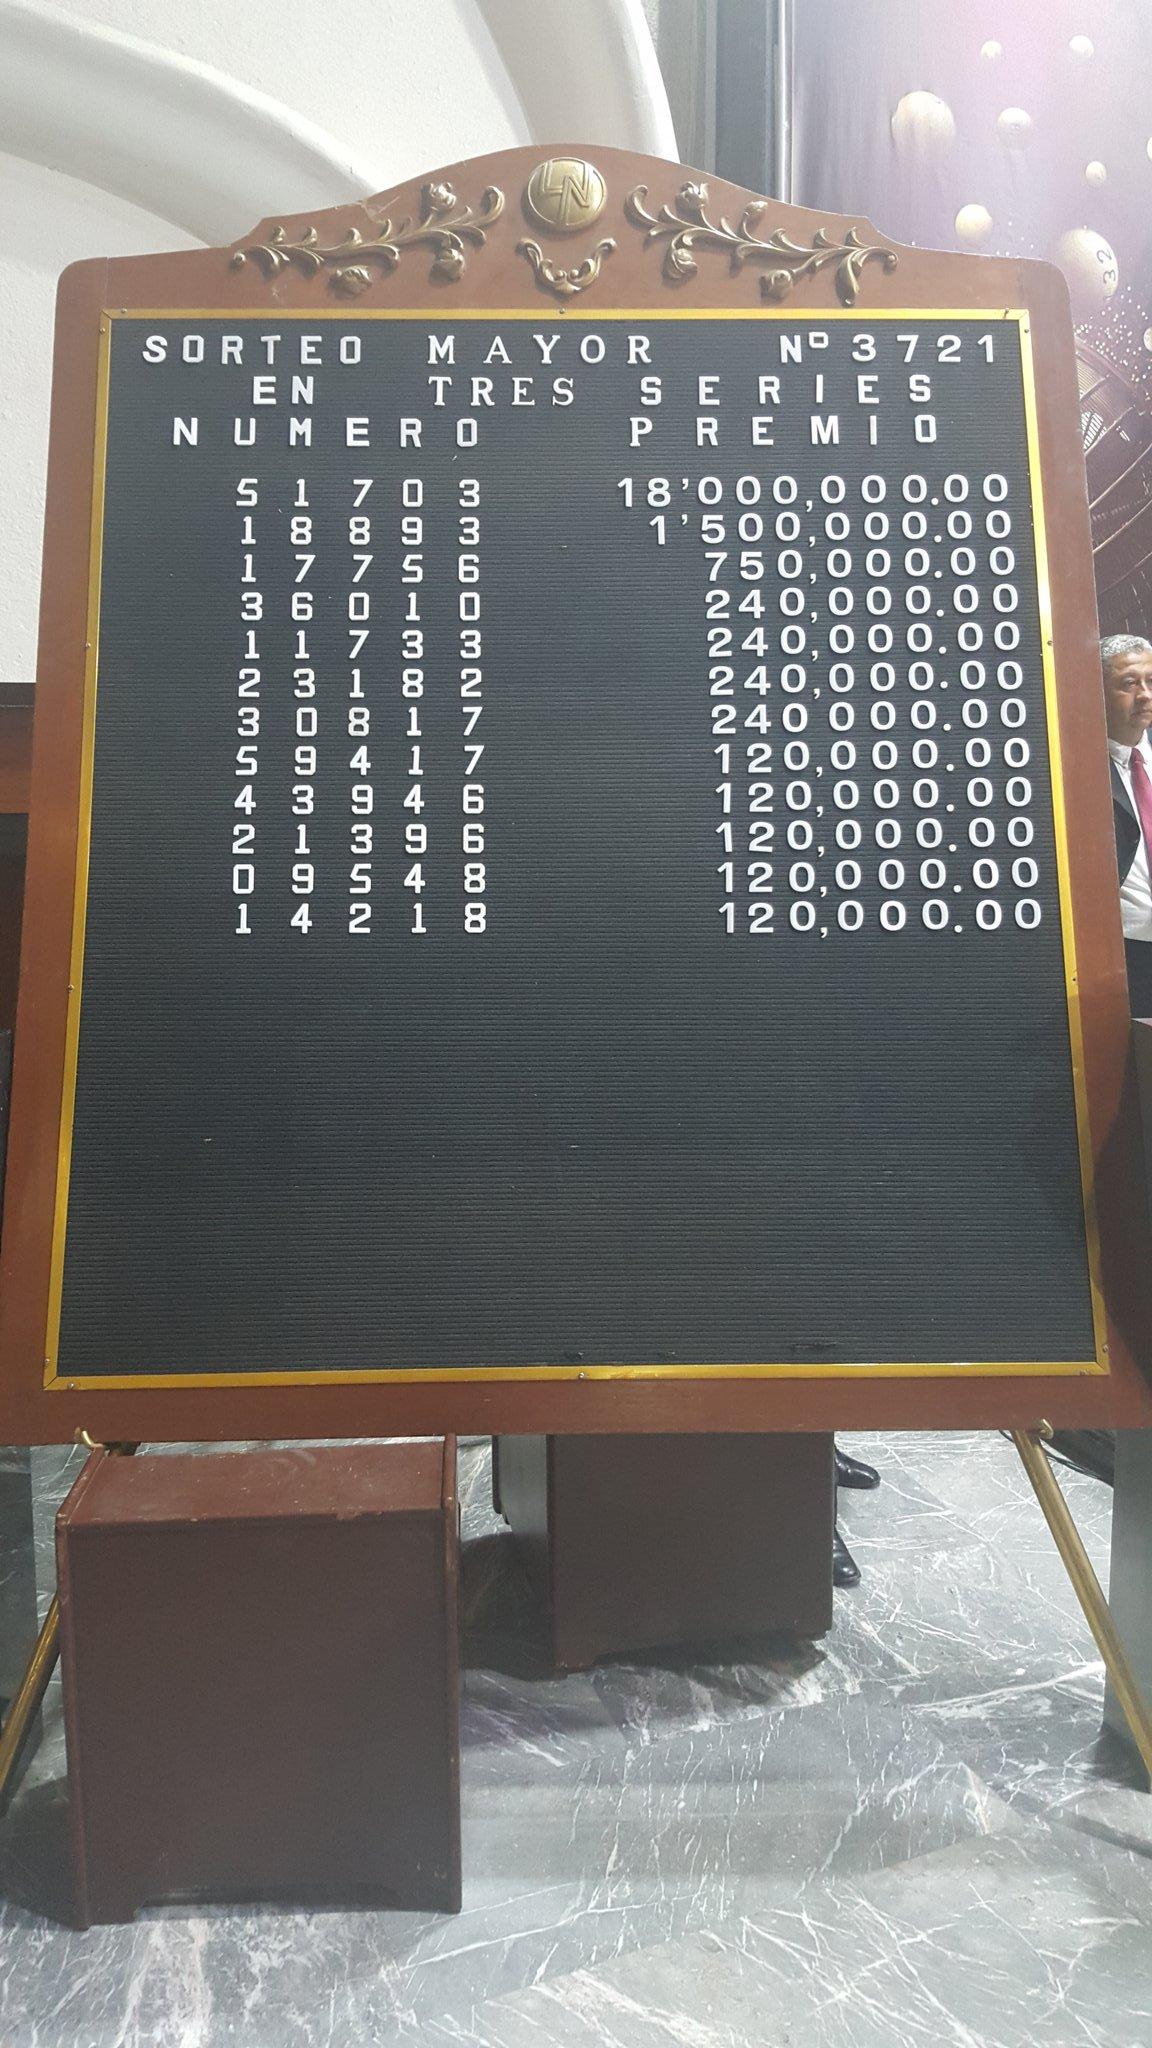 Sorteo Mayor 3721